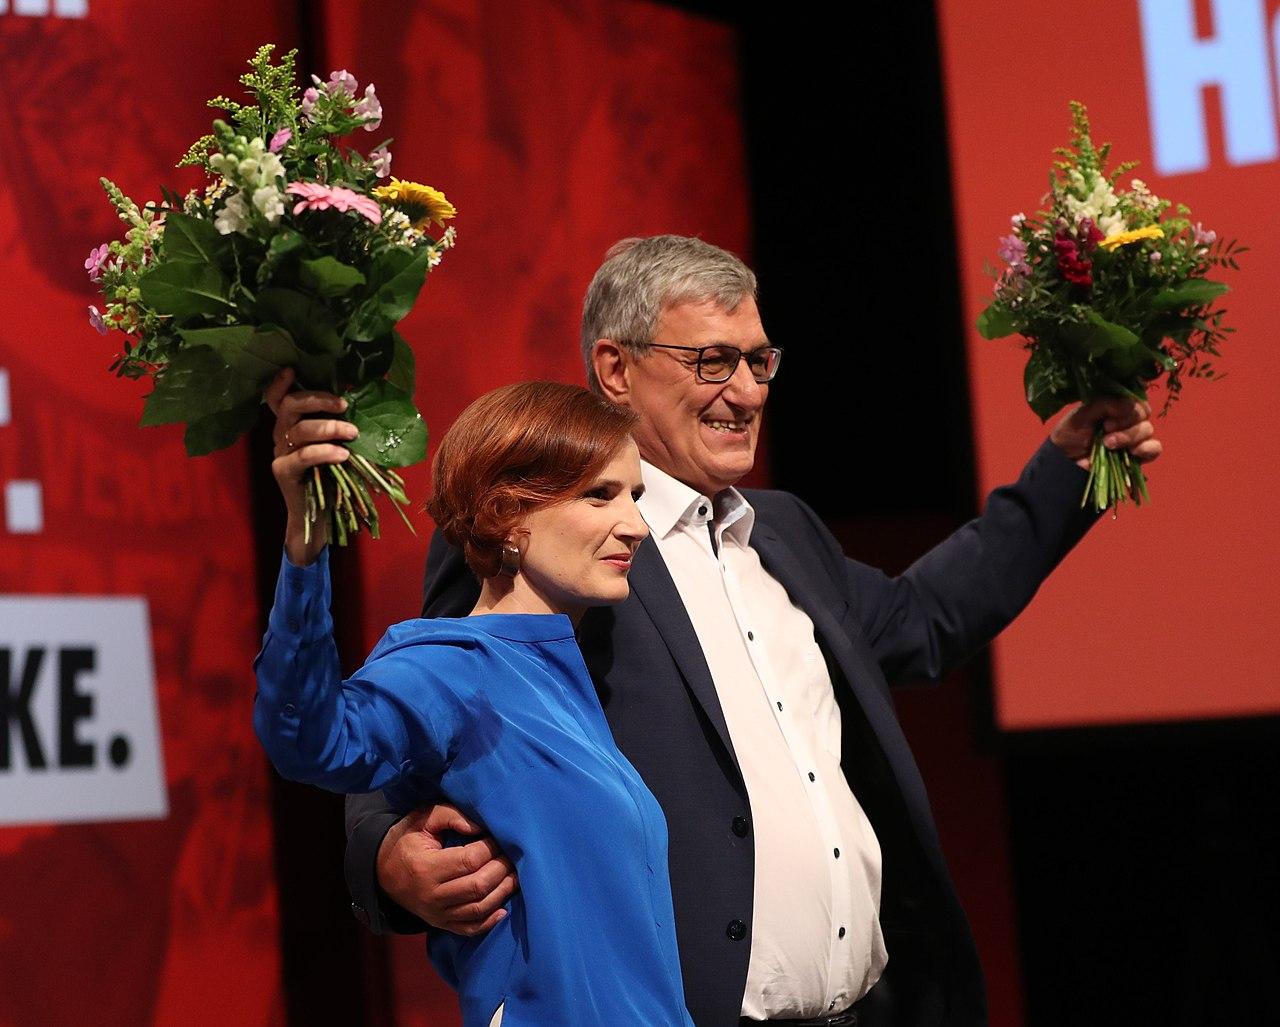 2018-06-09 Bundesparteitag Die Linke 2018 in Leipzig by Sandro Halank–103.jpg